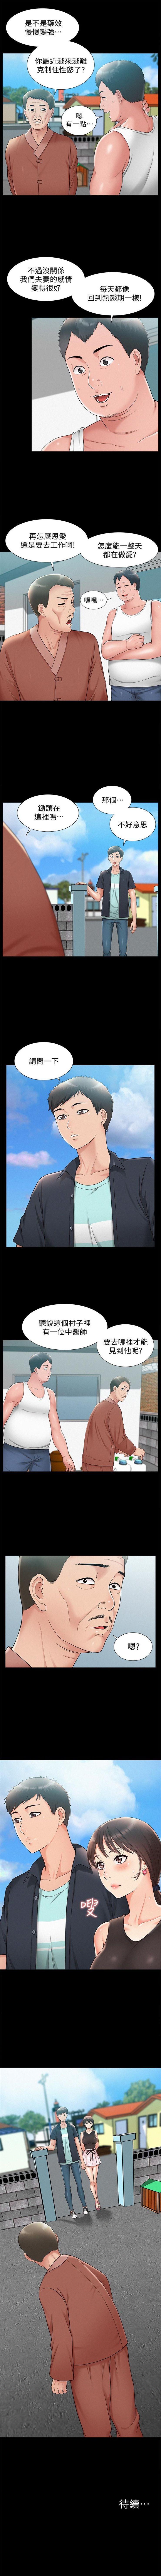 (周4)难言之隐 1-19 中文翻译(更新中) 91